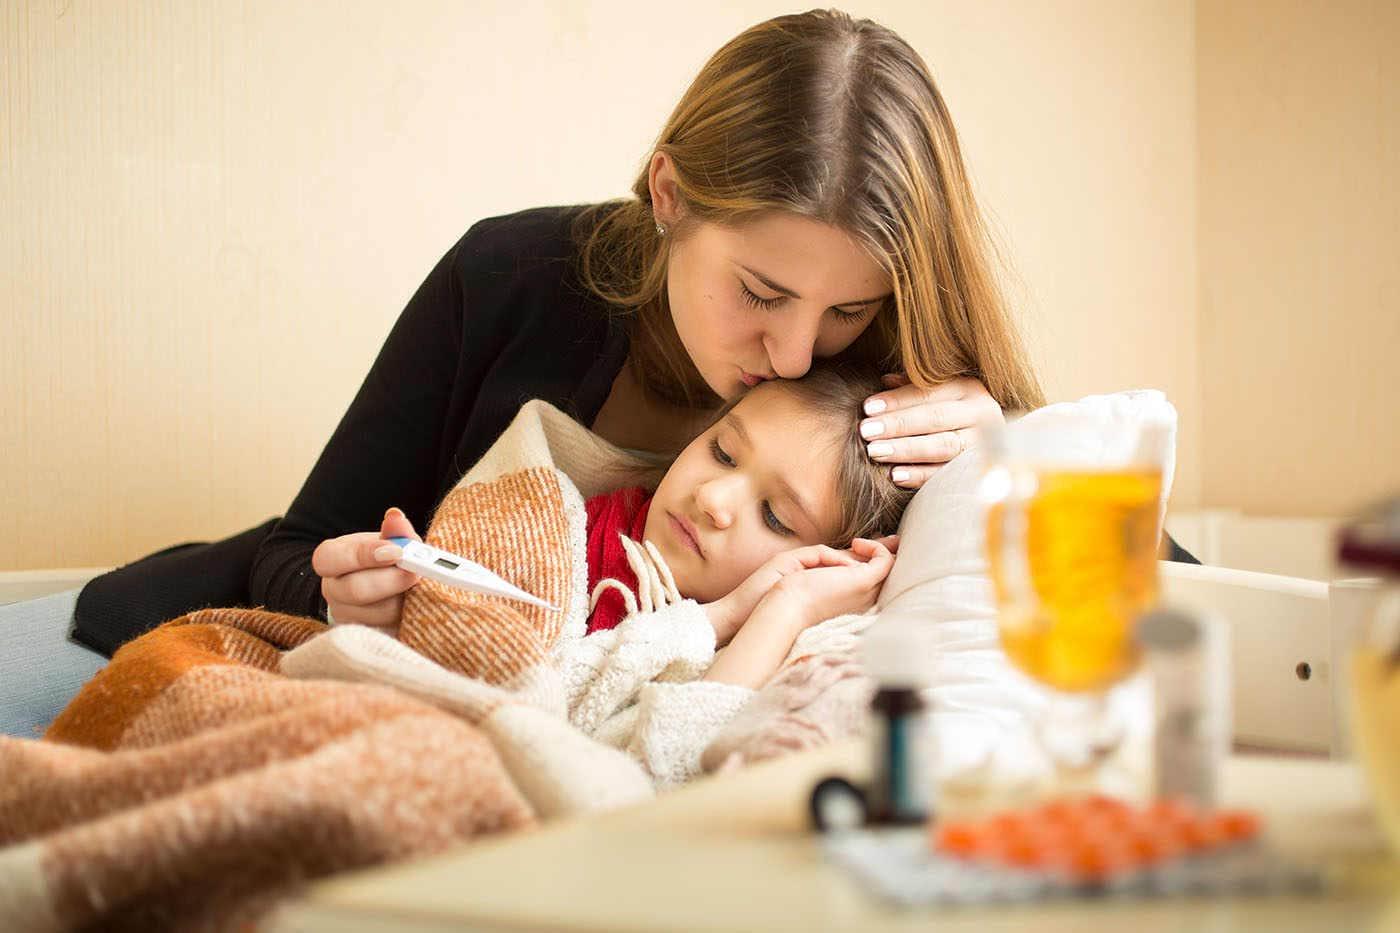 Gripa la vârste fragede influențează riscul viitor de boală [studiu]